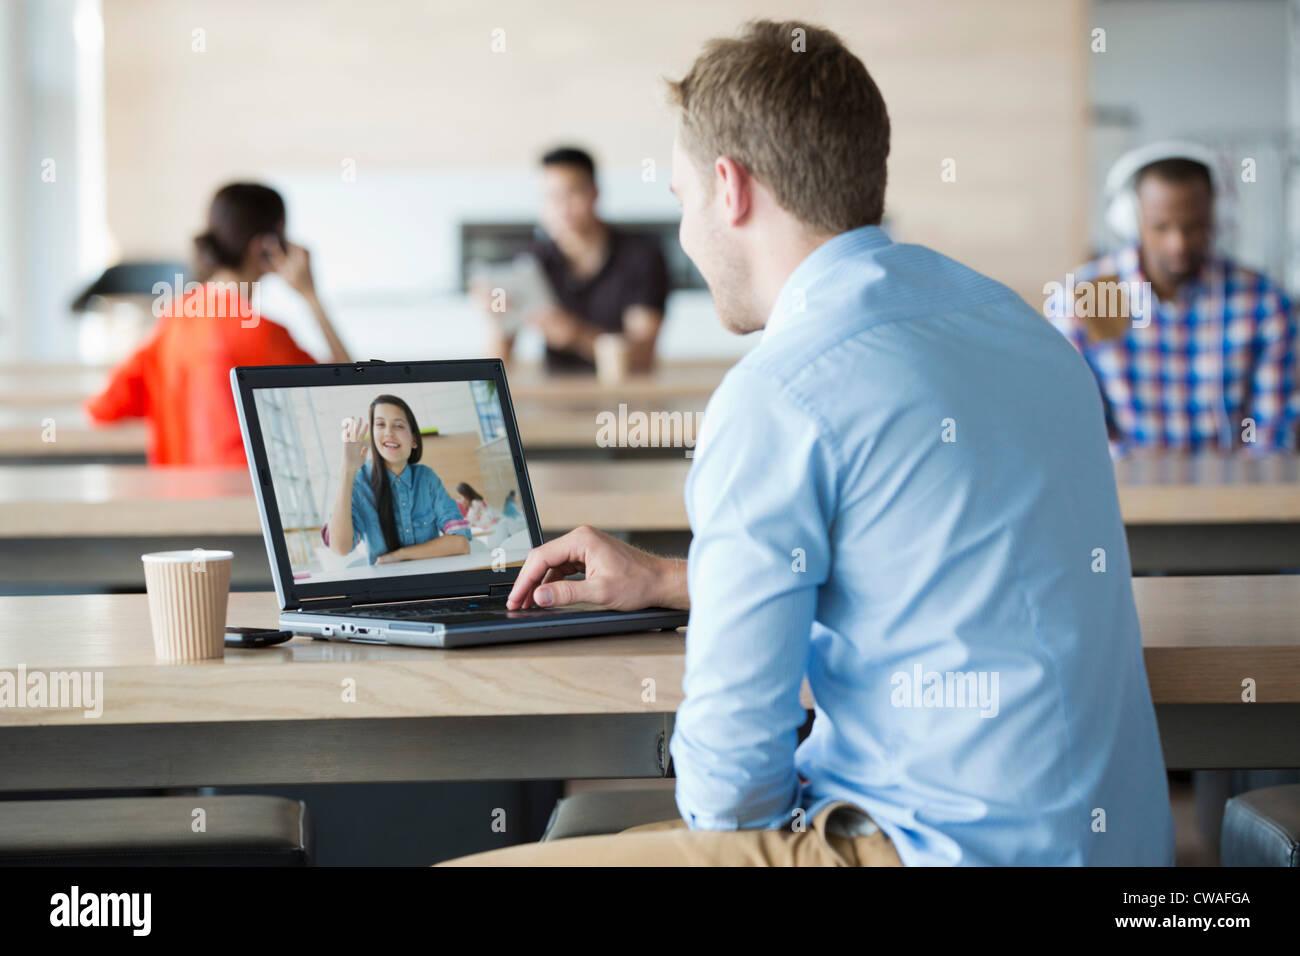 Giovane uomo utilizzando notebook per avere la chiamata video con la fidanzata Immagini Stock